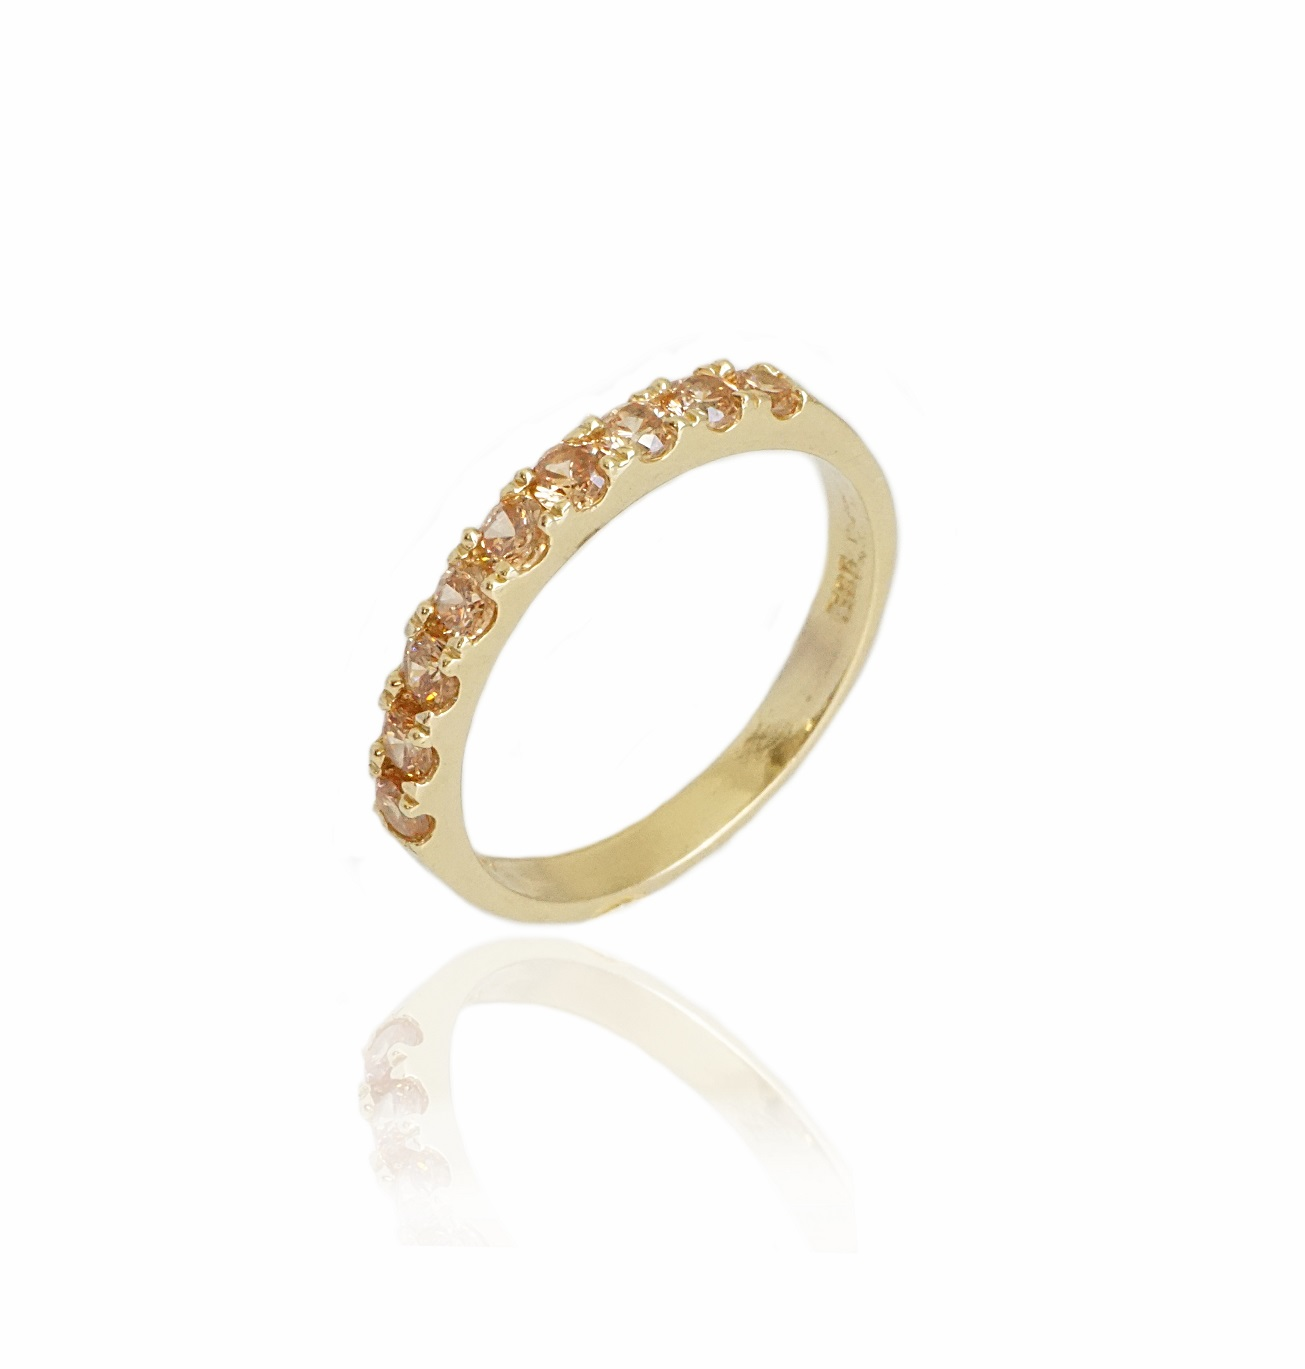 טבעת איטרניטי זרקונים שמפיין בזהב 14 קרט|טבעת זהב משלימה